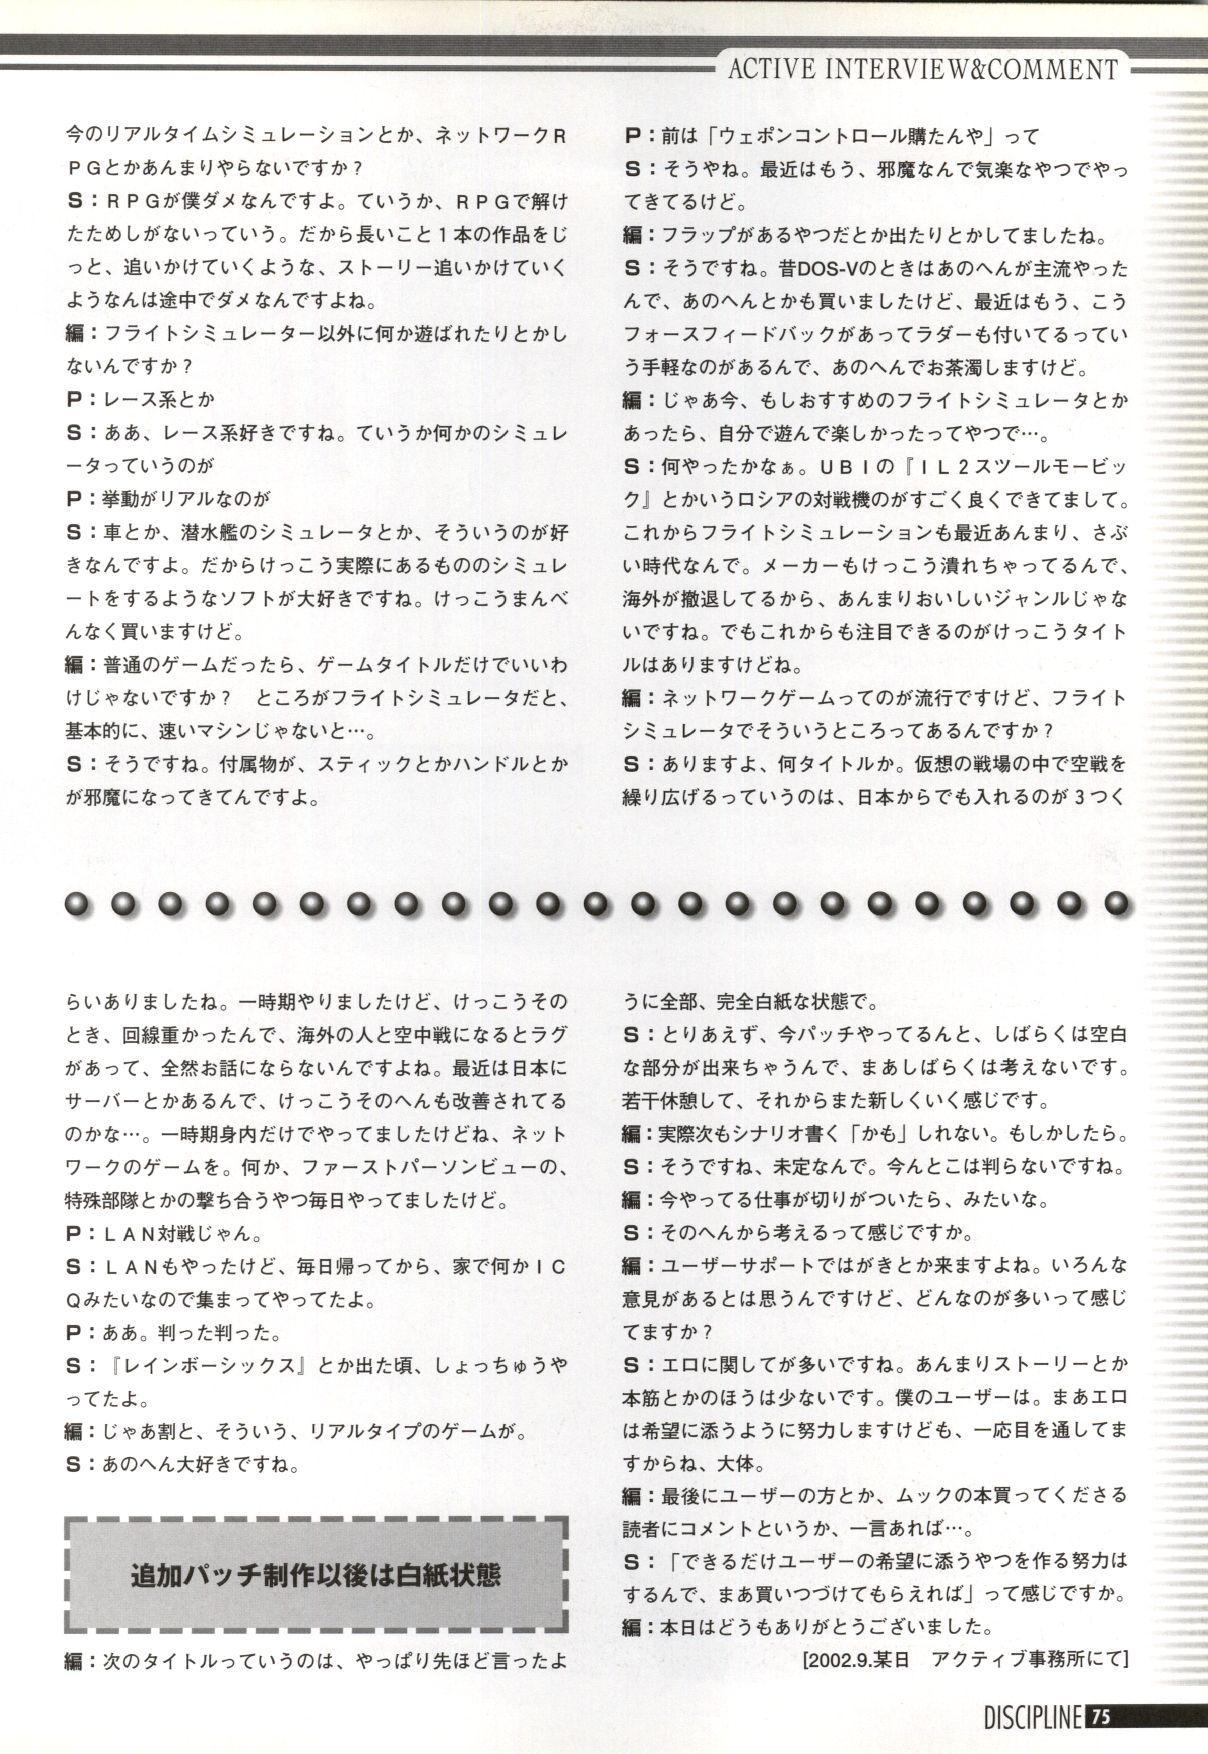 Discipline Artbook 75